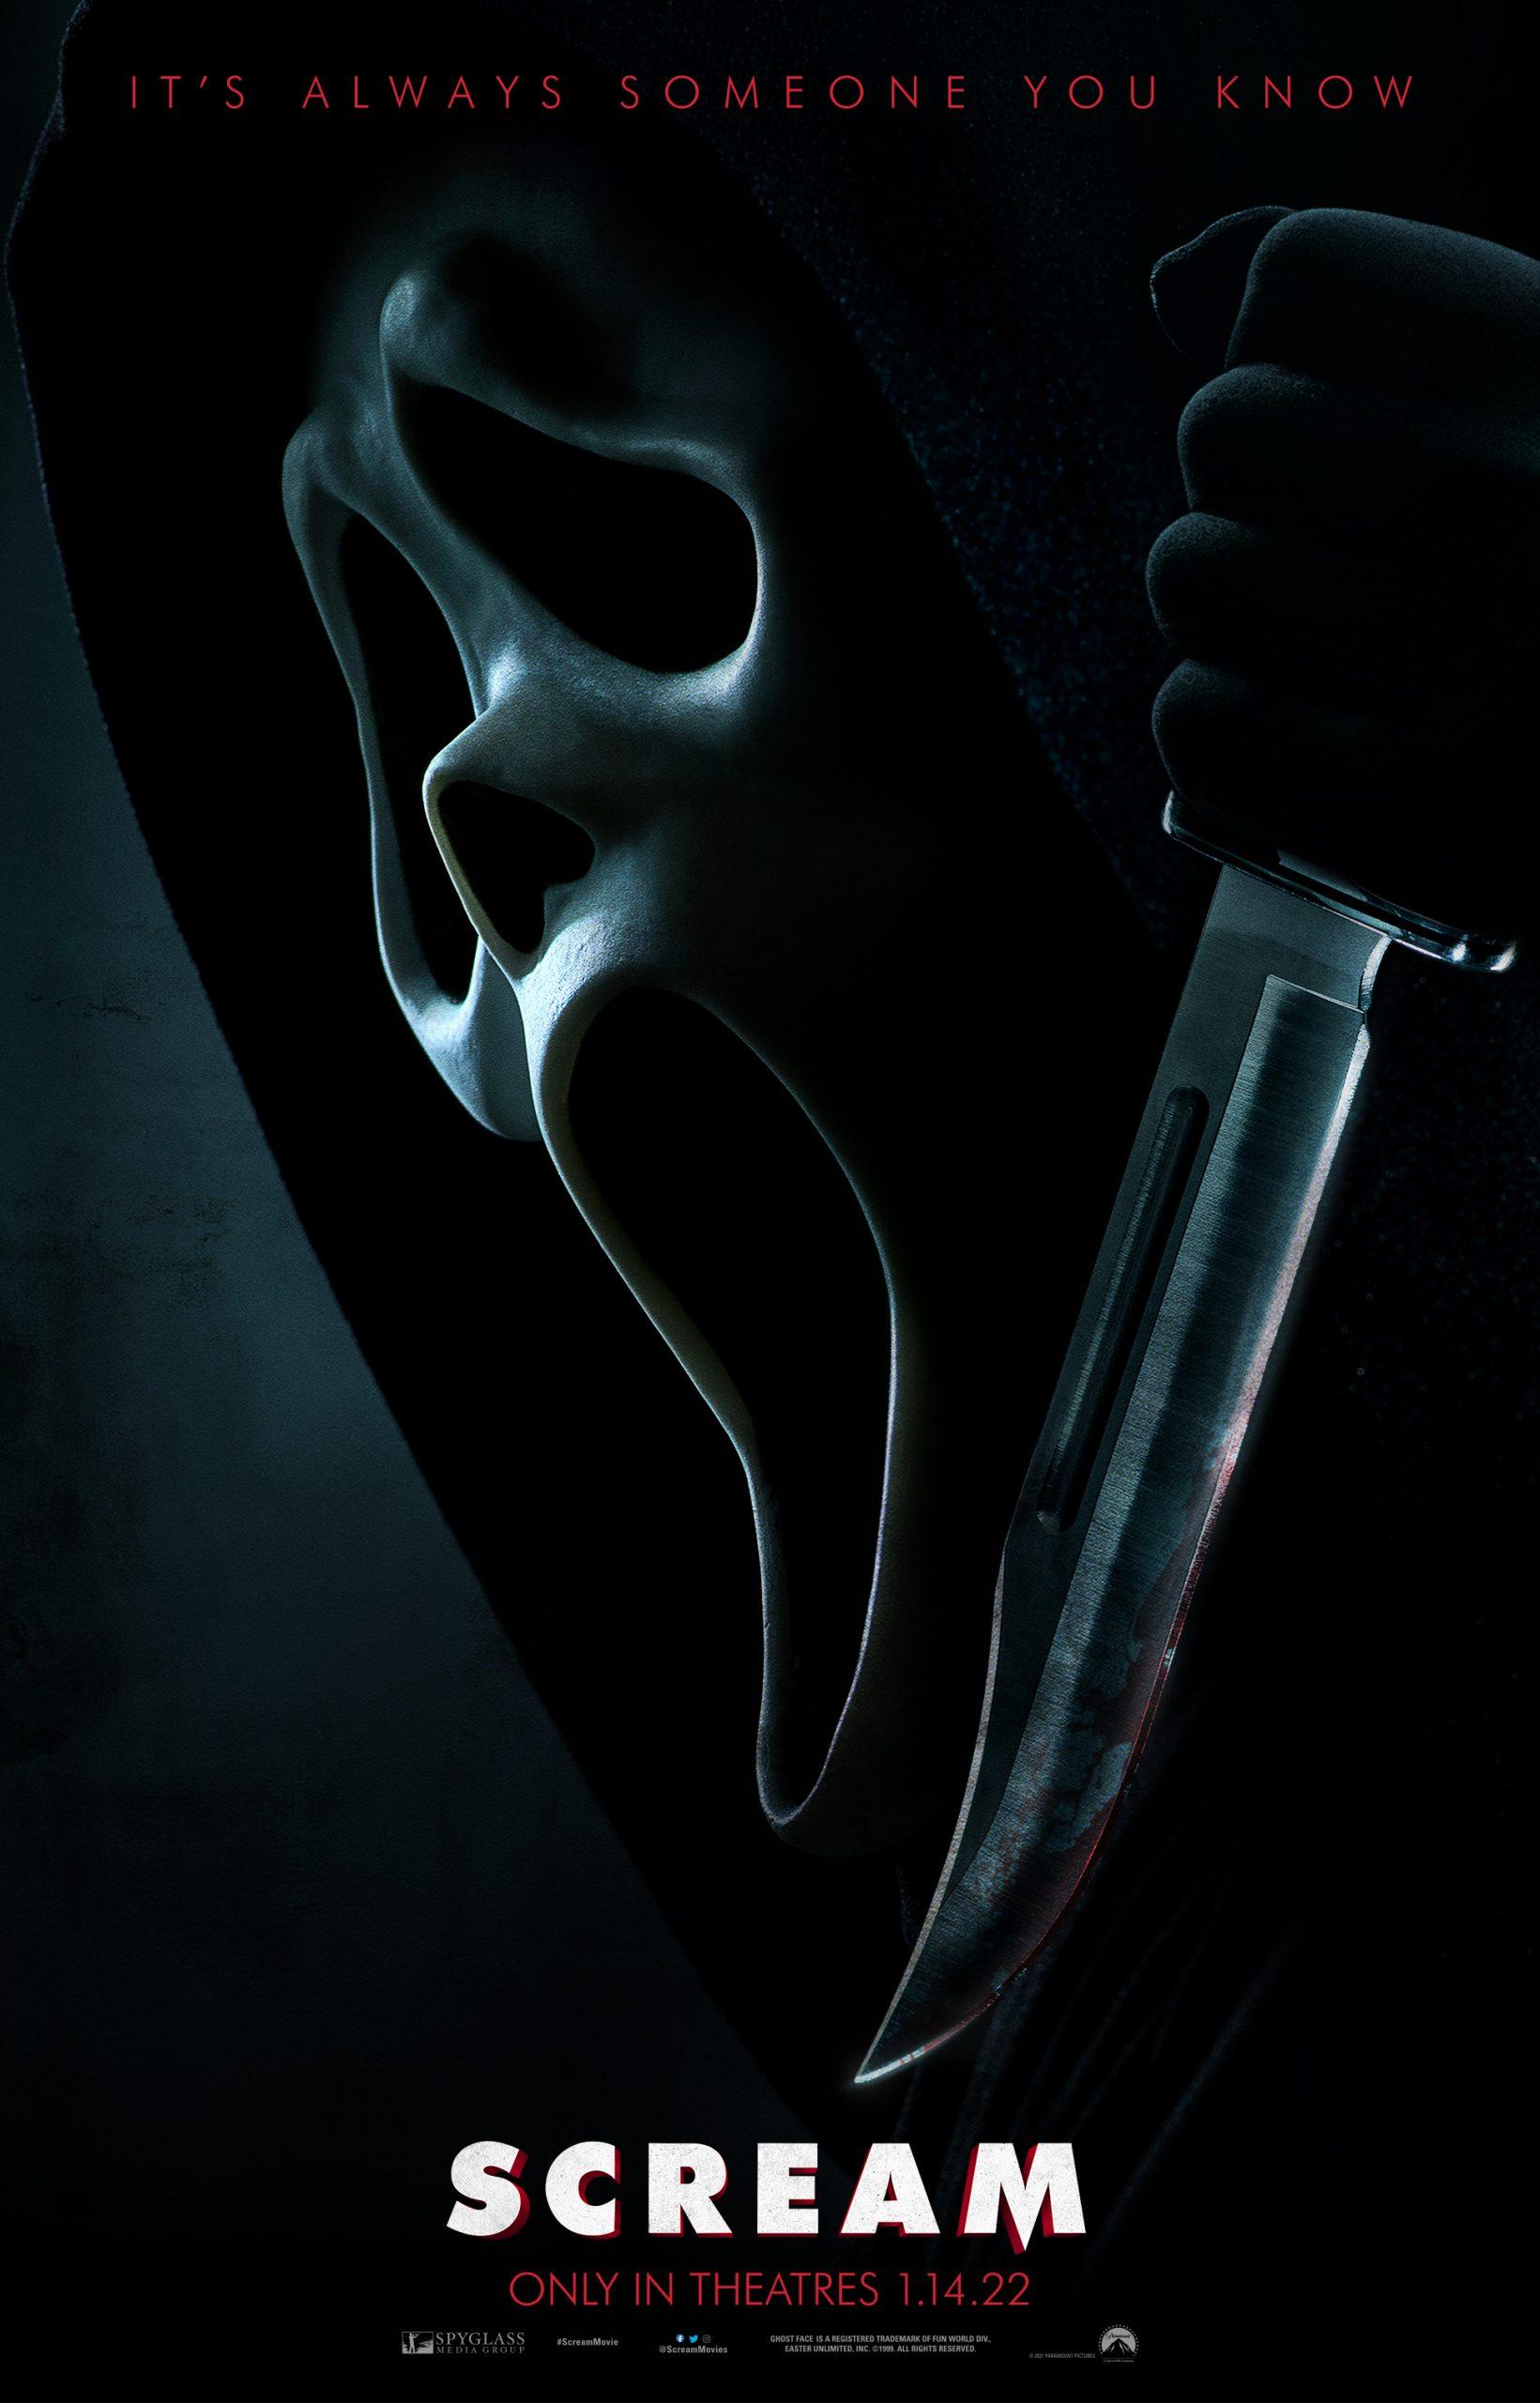 horror movie scream 2022 movie poster cover admat